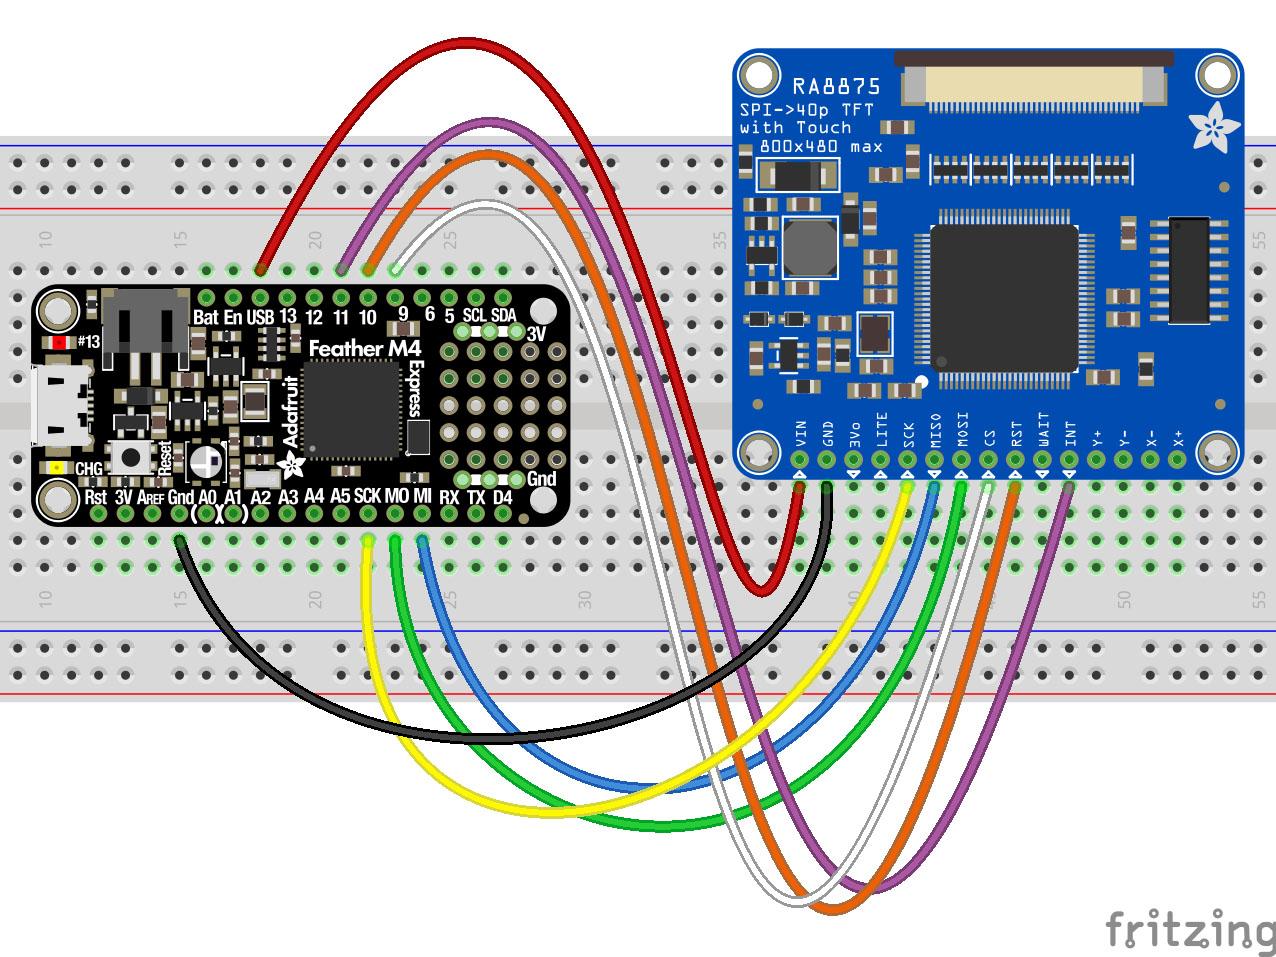 lcds___displays_RA8875_fritzing.jpg